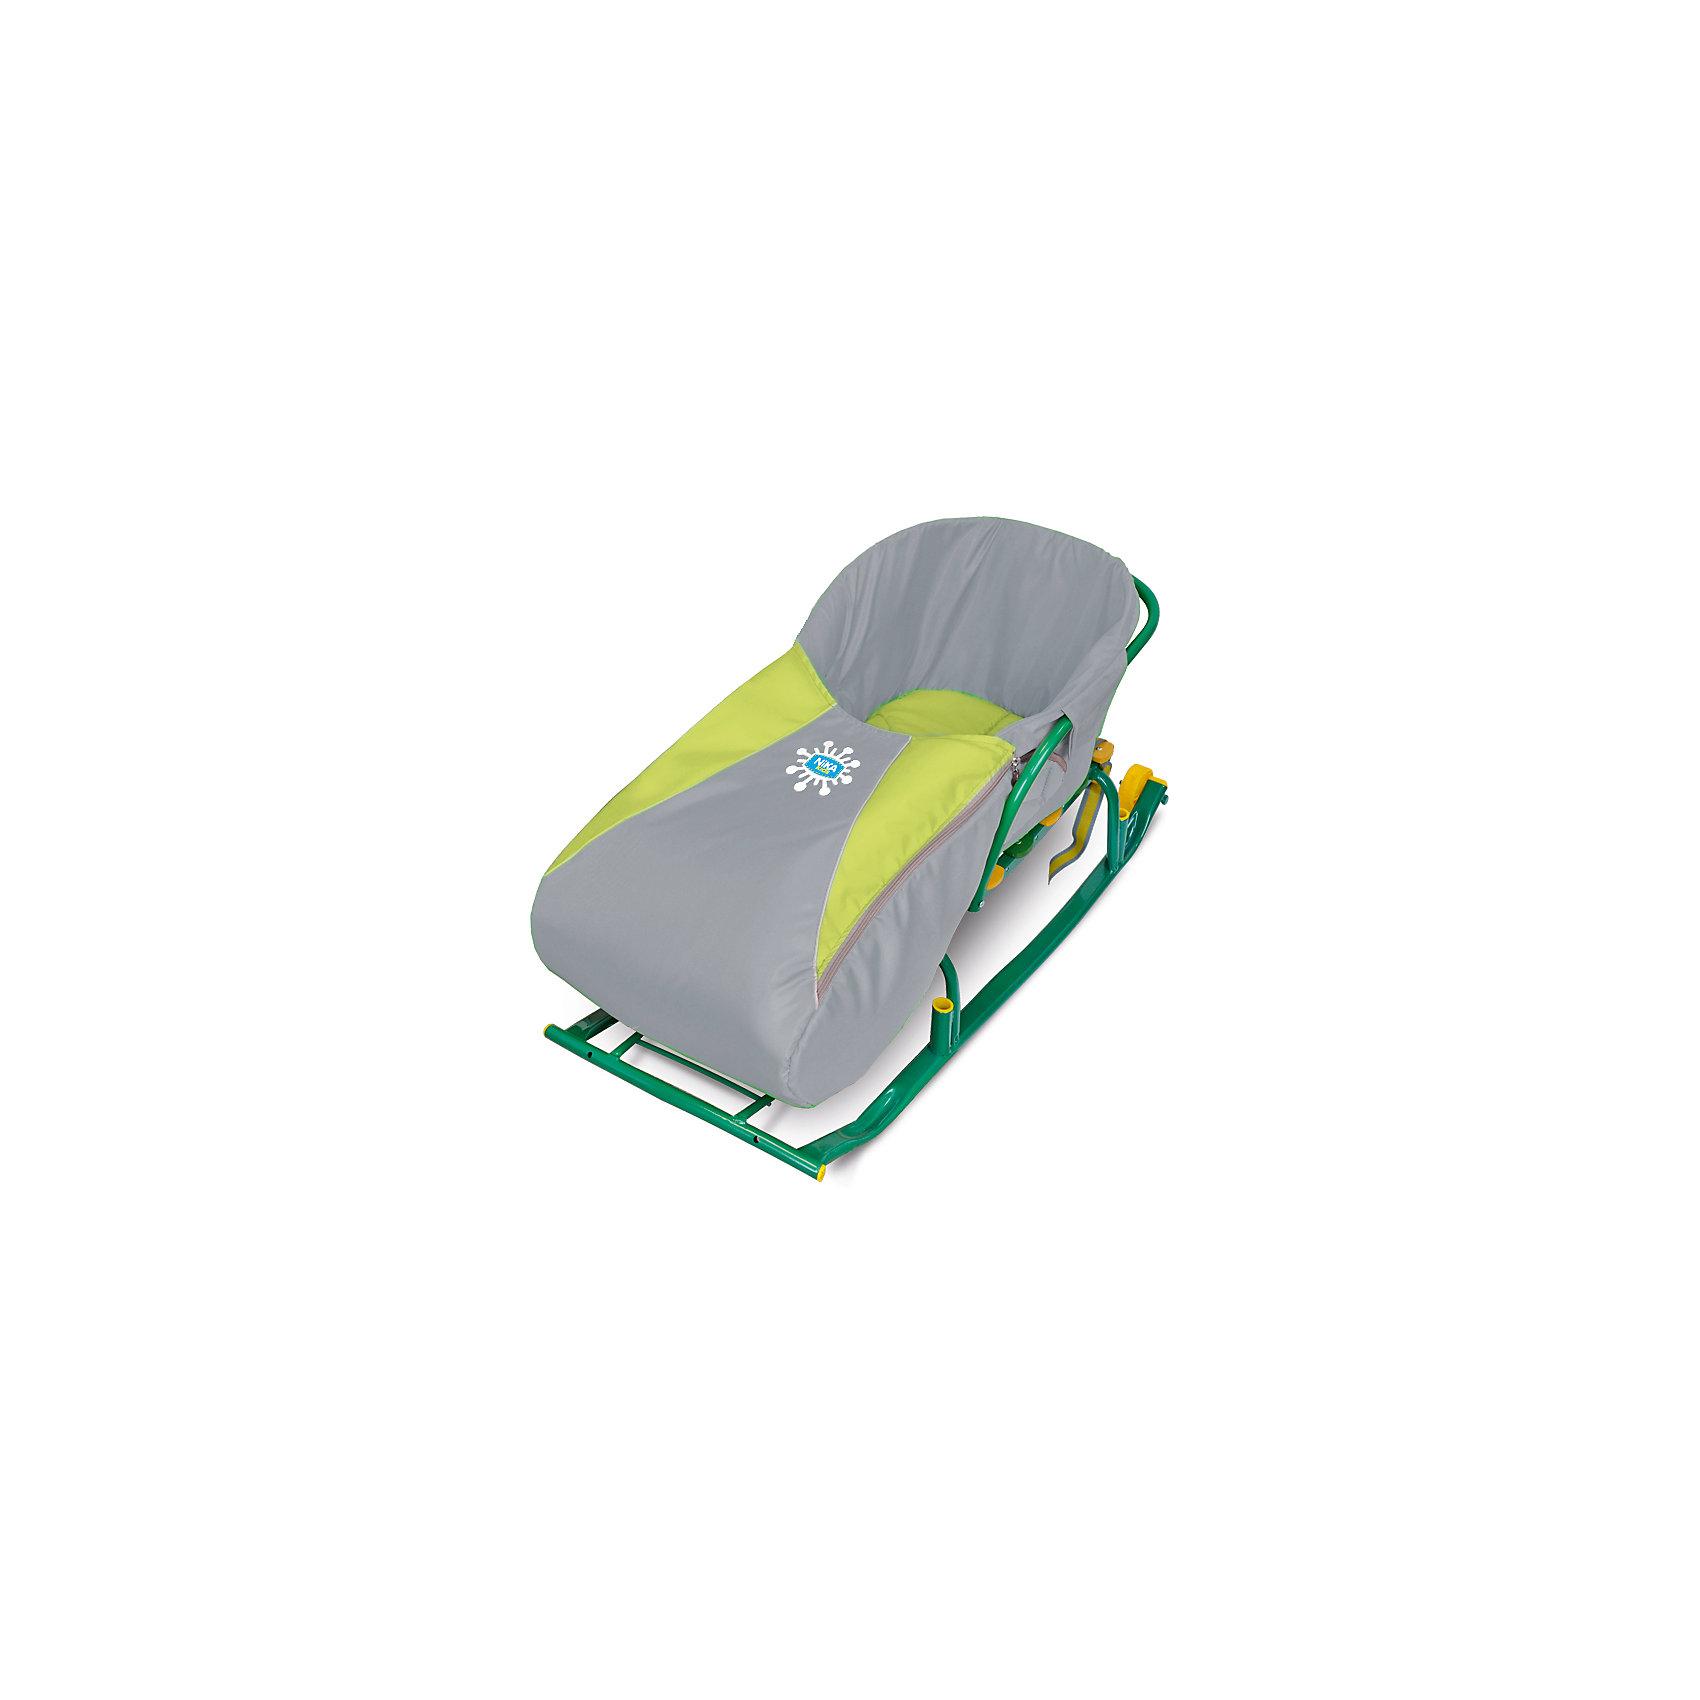 Сиденье с чехлом д/ног, НикаСиденье с чехлом для ног, Ника, обеспечит комфорт и удобство малыша во время зимних прогулок. Сиденье отлично подходит для всех санок Ника, а также для санок других производителей. Яркий и привлекательный дизайн обязательно понравится малышу. Сиденье выполнено из прочной влаго- и ветронепроницаемой ткани, внутренний утеплитель - синтепон не даст ребенку замерзнуть. Имеется удобная застежка-молния и светоотражающий кант. Чехол для ног отстегивается. Сиденье прочно крепится к санкам с помощью липучек.<br><br>Дополнительная информация:<br><br>- Цвет: серебро.<br>- Материал: ткань оксфорд, синтепон.<br>- Размер сиденья: 70 х 22 х 30 см.<br>- Вес: 0,4 кг.<br><br>Сиденье с чехлом д/ног, серебро, Ника, можно купить в нашем интернет-магазине.<br><br>Ширина мм: 690<br>Глубина мм: 380<br>Высота мм: 300<br>Вес г: 375<br>Возраст от месяцев: 12<br>Возраст до месяцев: 60<br>Пол: Унисекс<br>Возраст: Детский<br>SKU: 4317139